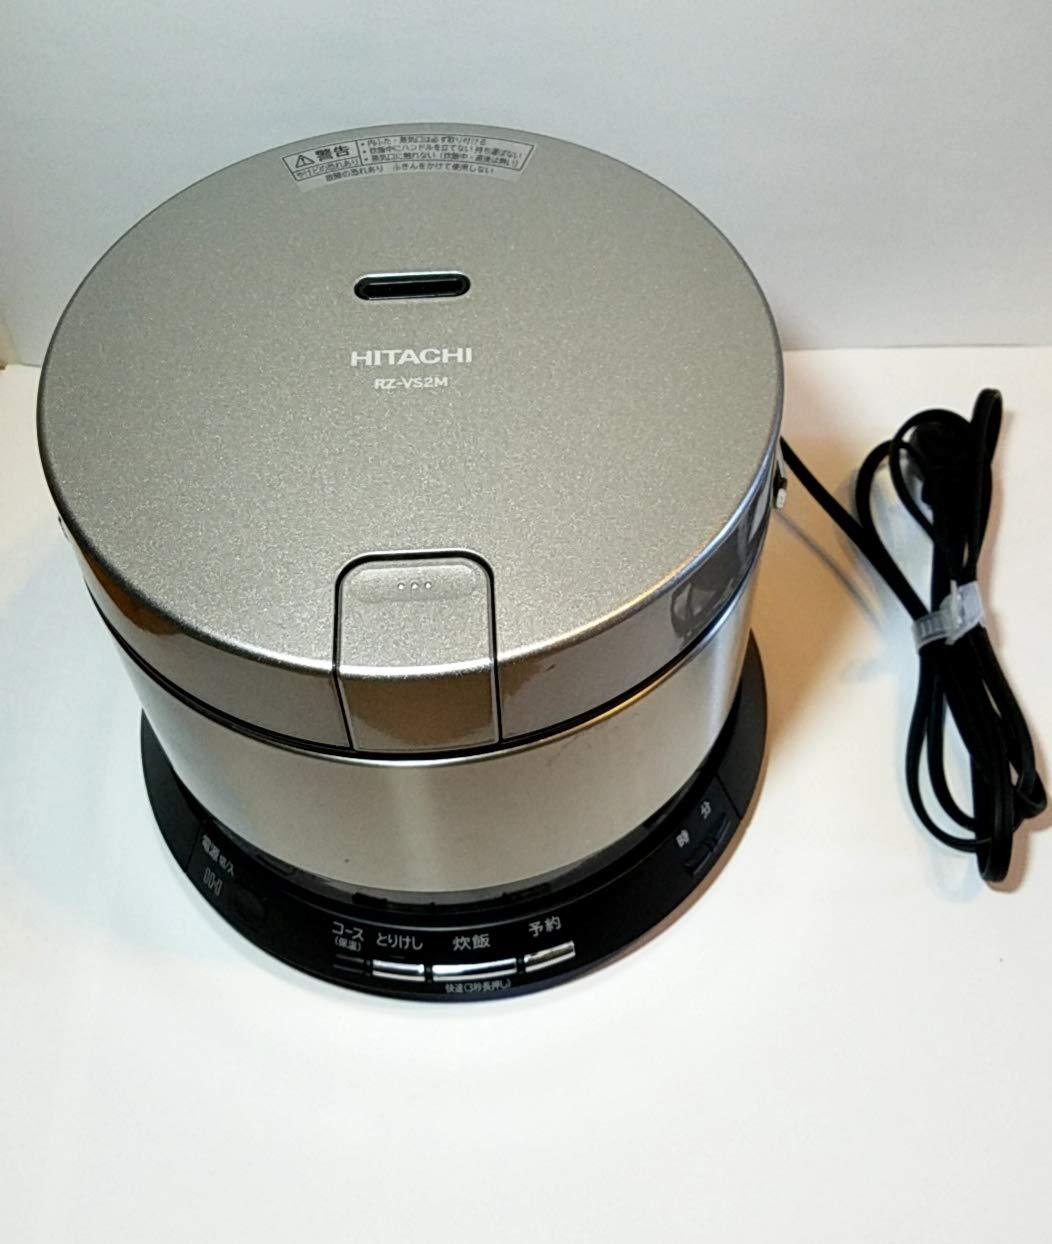 日立 RZ-VS2M 炊飯器 IH 打込鉄釜 打込鉄釜 おひつ御膳 2合 おひつ御膳 RZ-VS2M S B00M6MTV3M, ピアス ルクール:3cdddd5f --- lembahbougenville.com